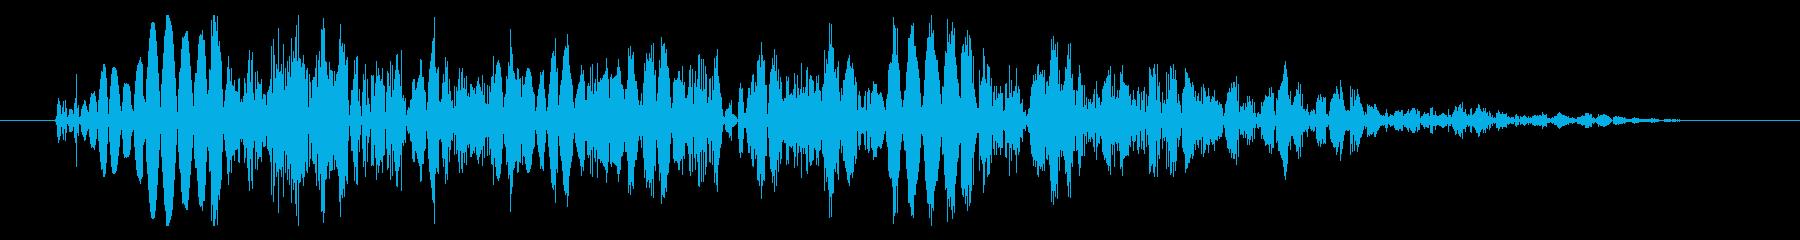 強キック 大打撃 打撃音 02Lの再生済みの波形